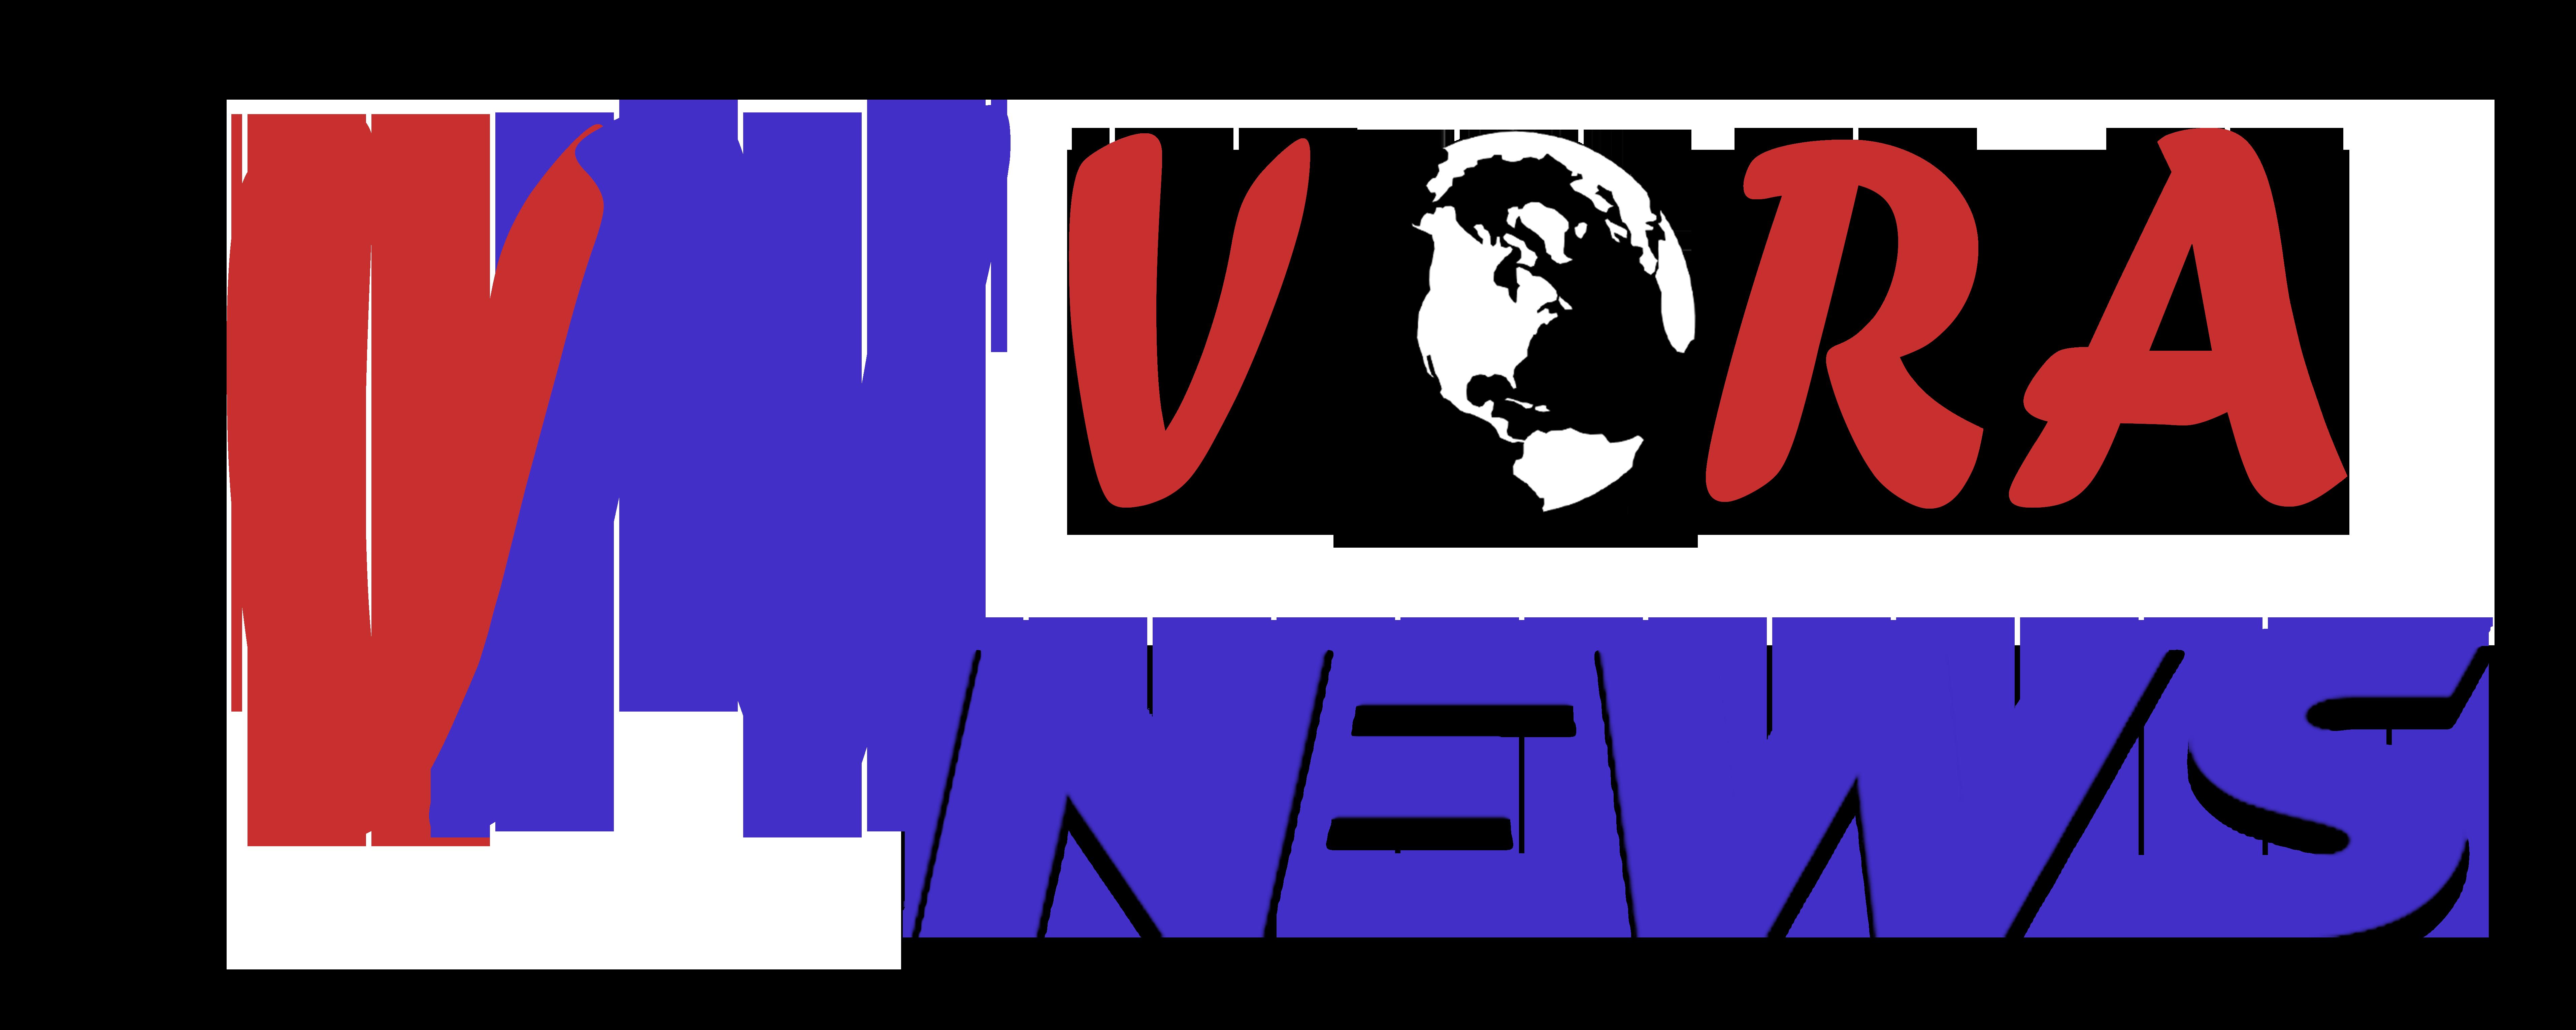 Vora News